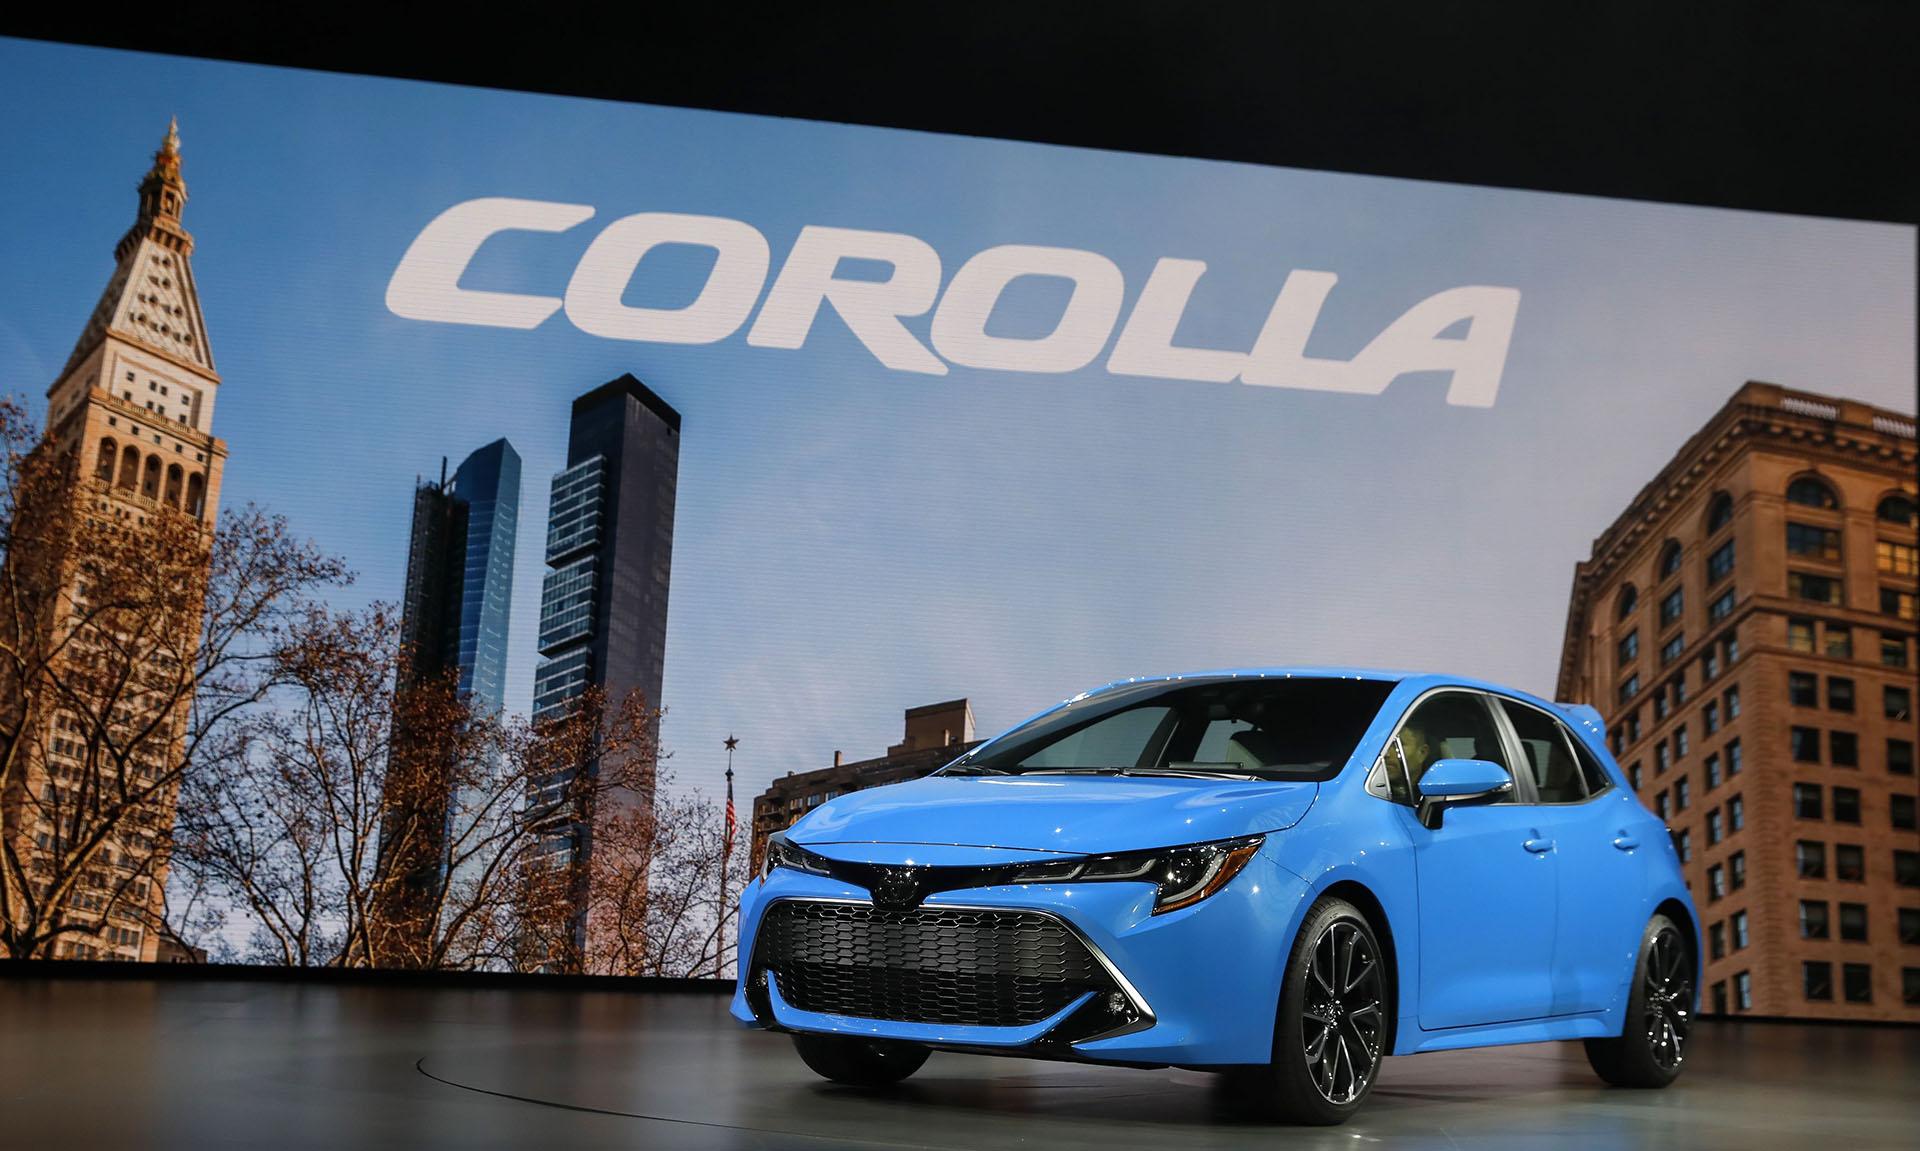 La nueva versión del auto más vendido en la historia de la industria automotriz presenta líneas más afiladas y formas más angulares que el sedán tradicional. Se estima que el Corolla hatchback comenzará a fabricarse en Brasil en 2020 sobre la plataforma moderna TNGA (Toyota New Global Architecture)